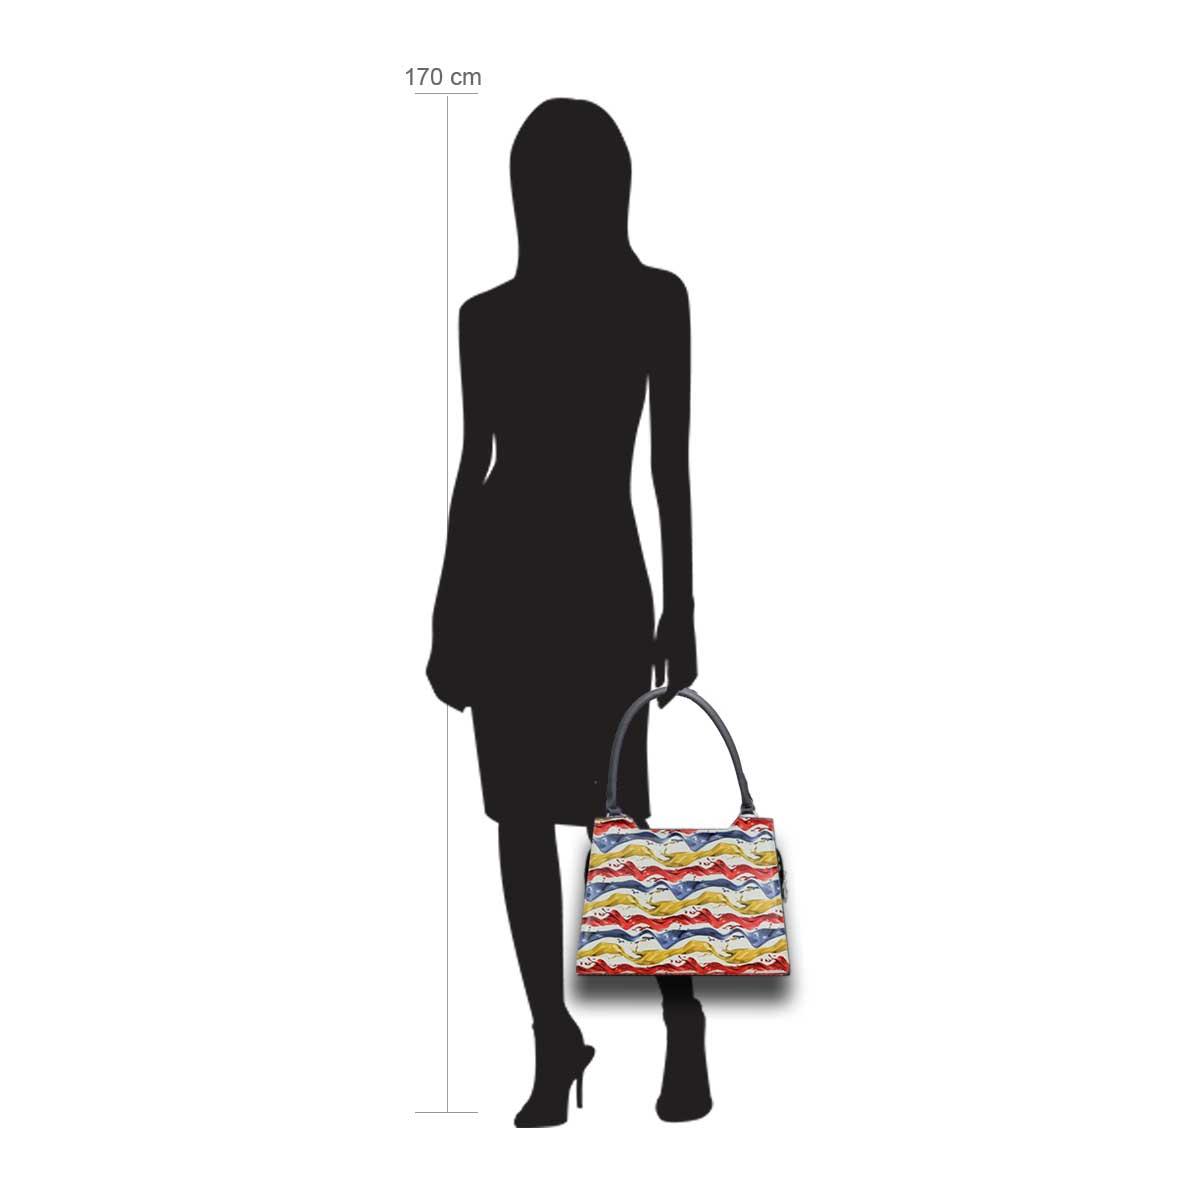 Puppe 170 cm groß zeigt die Taschengröße an . Modell: Kingston